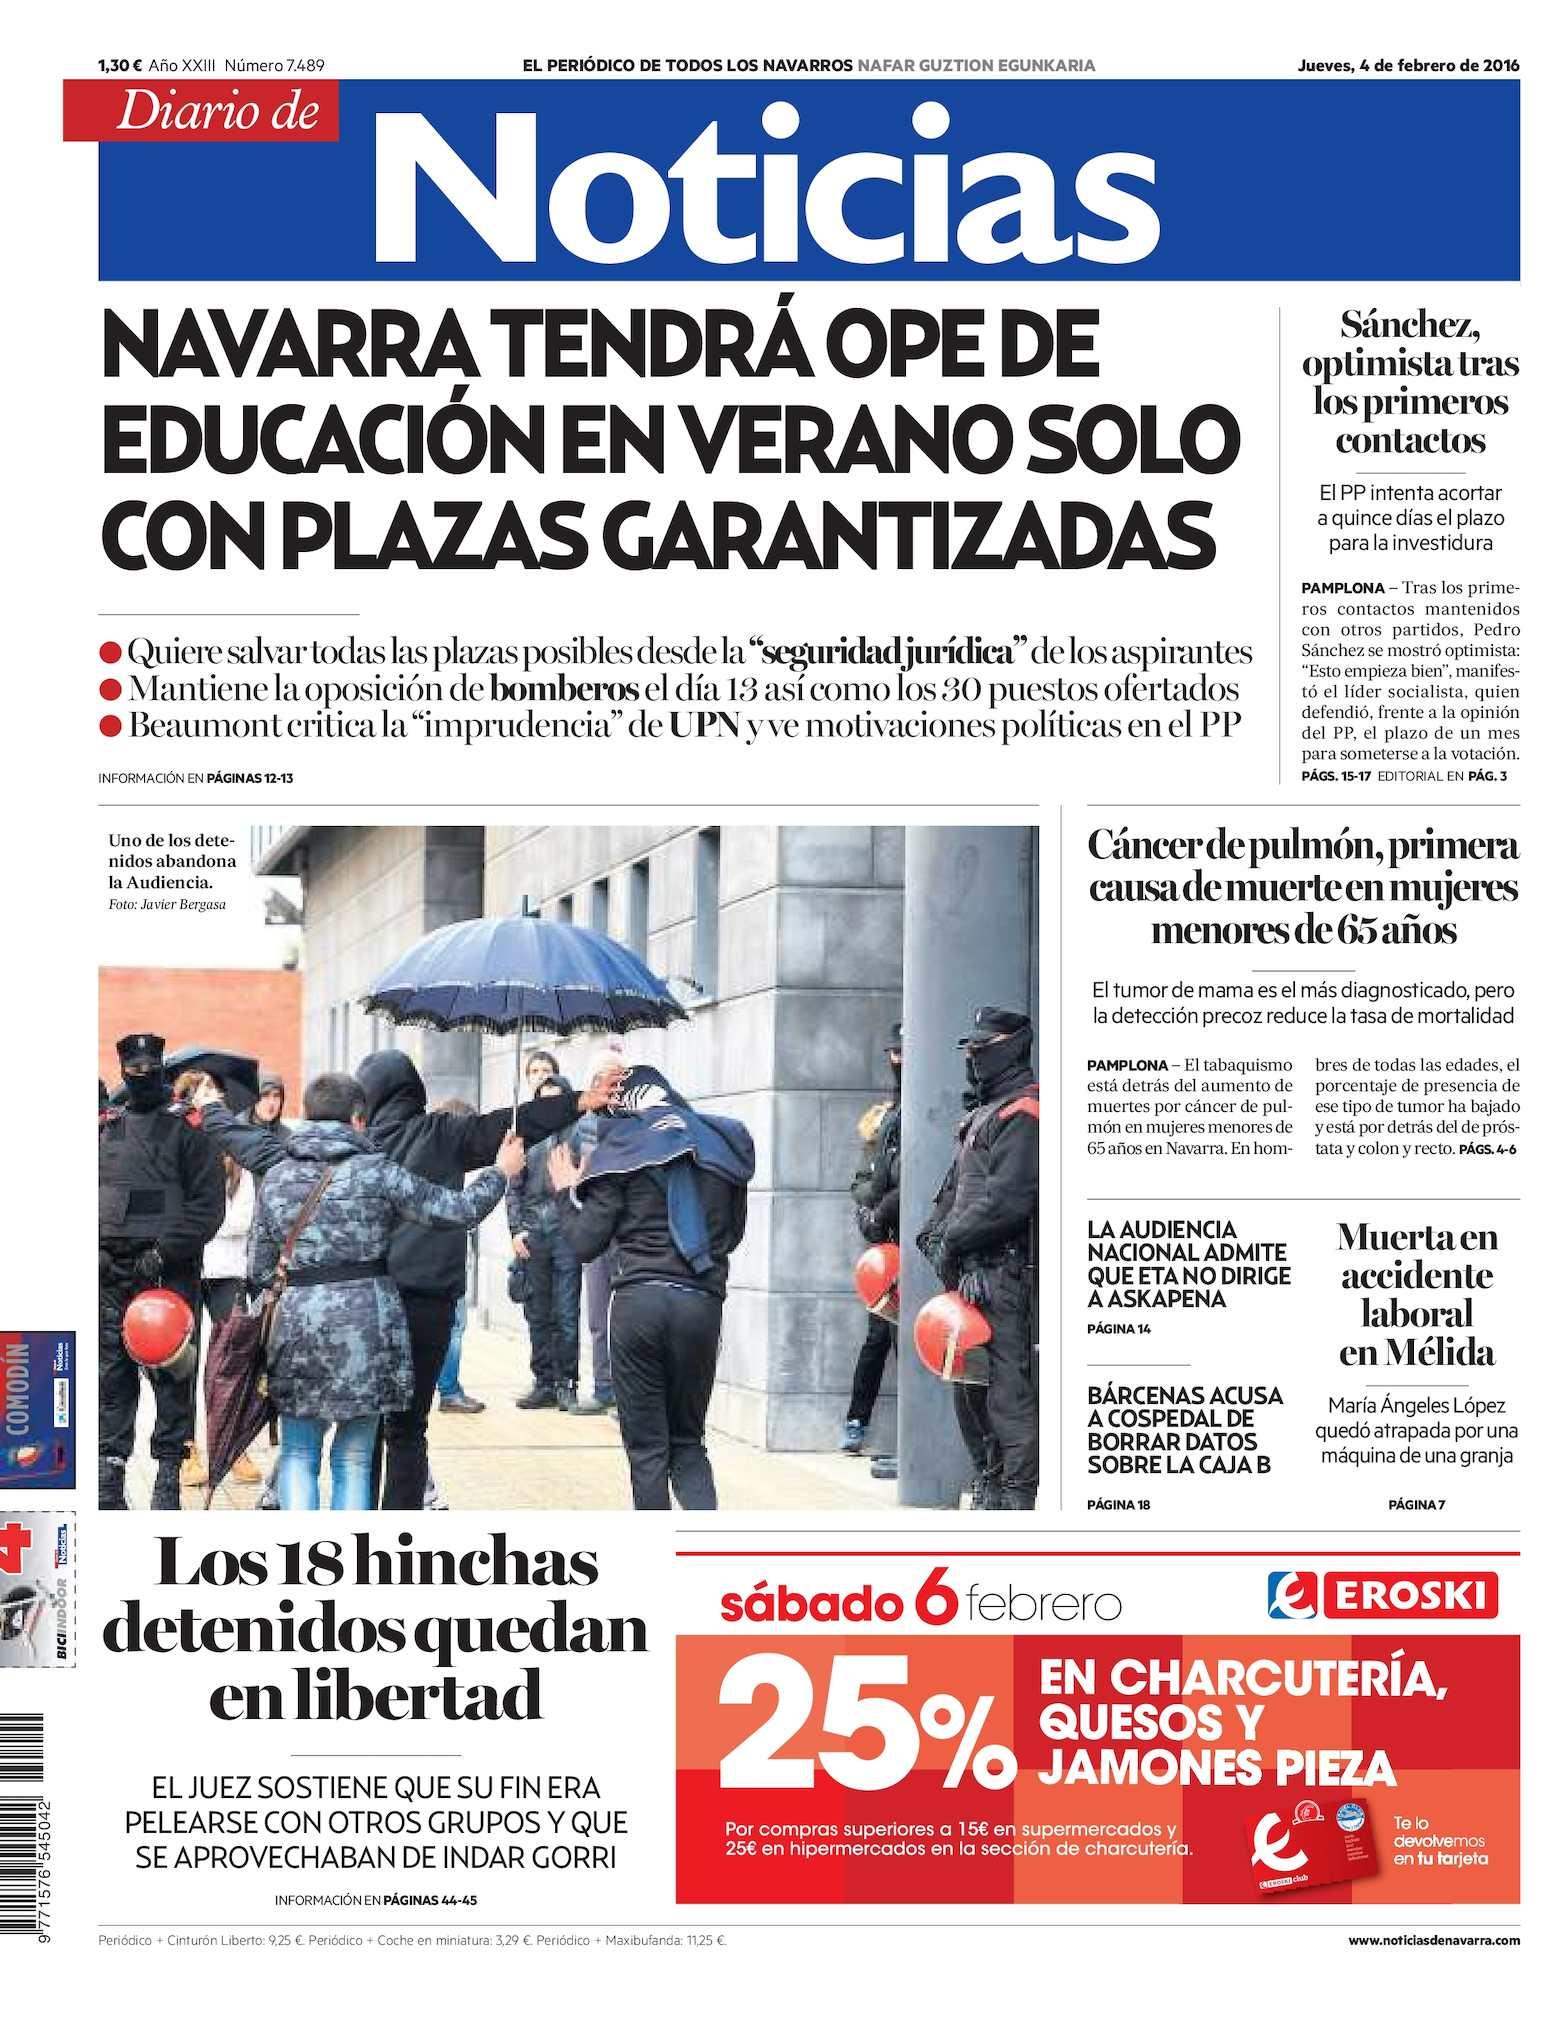 Calaméo - Diario de Noticias 20160204 344ce7106689